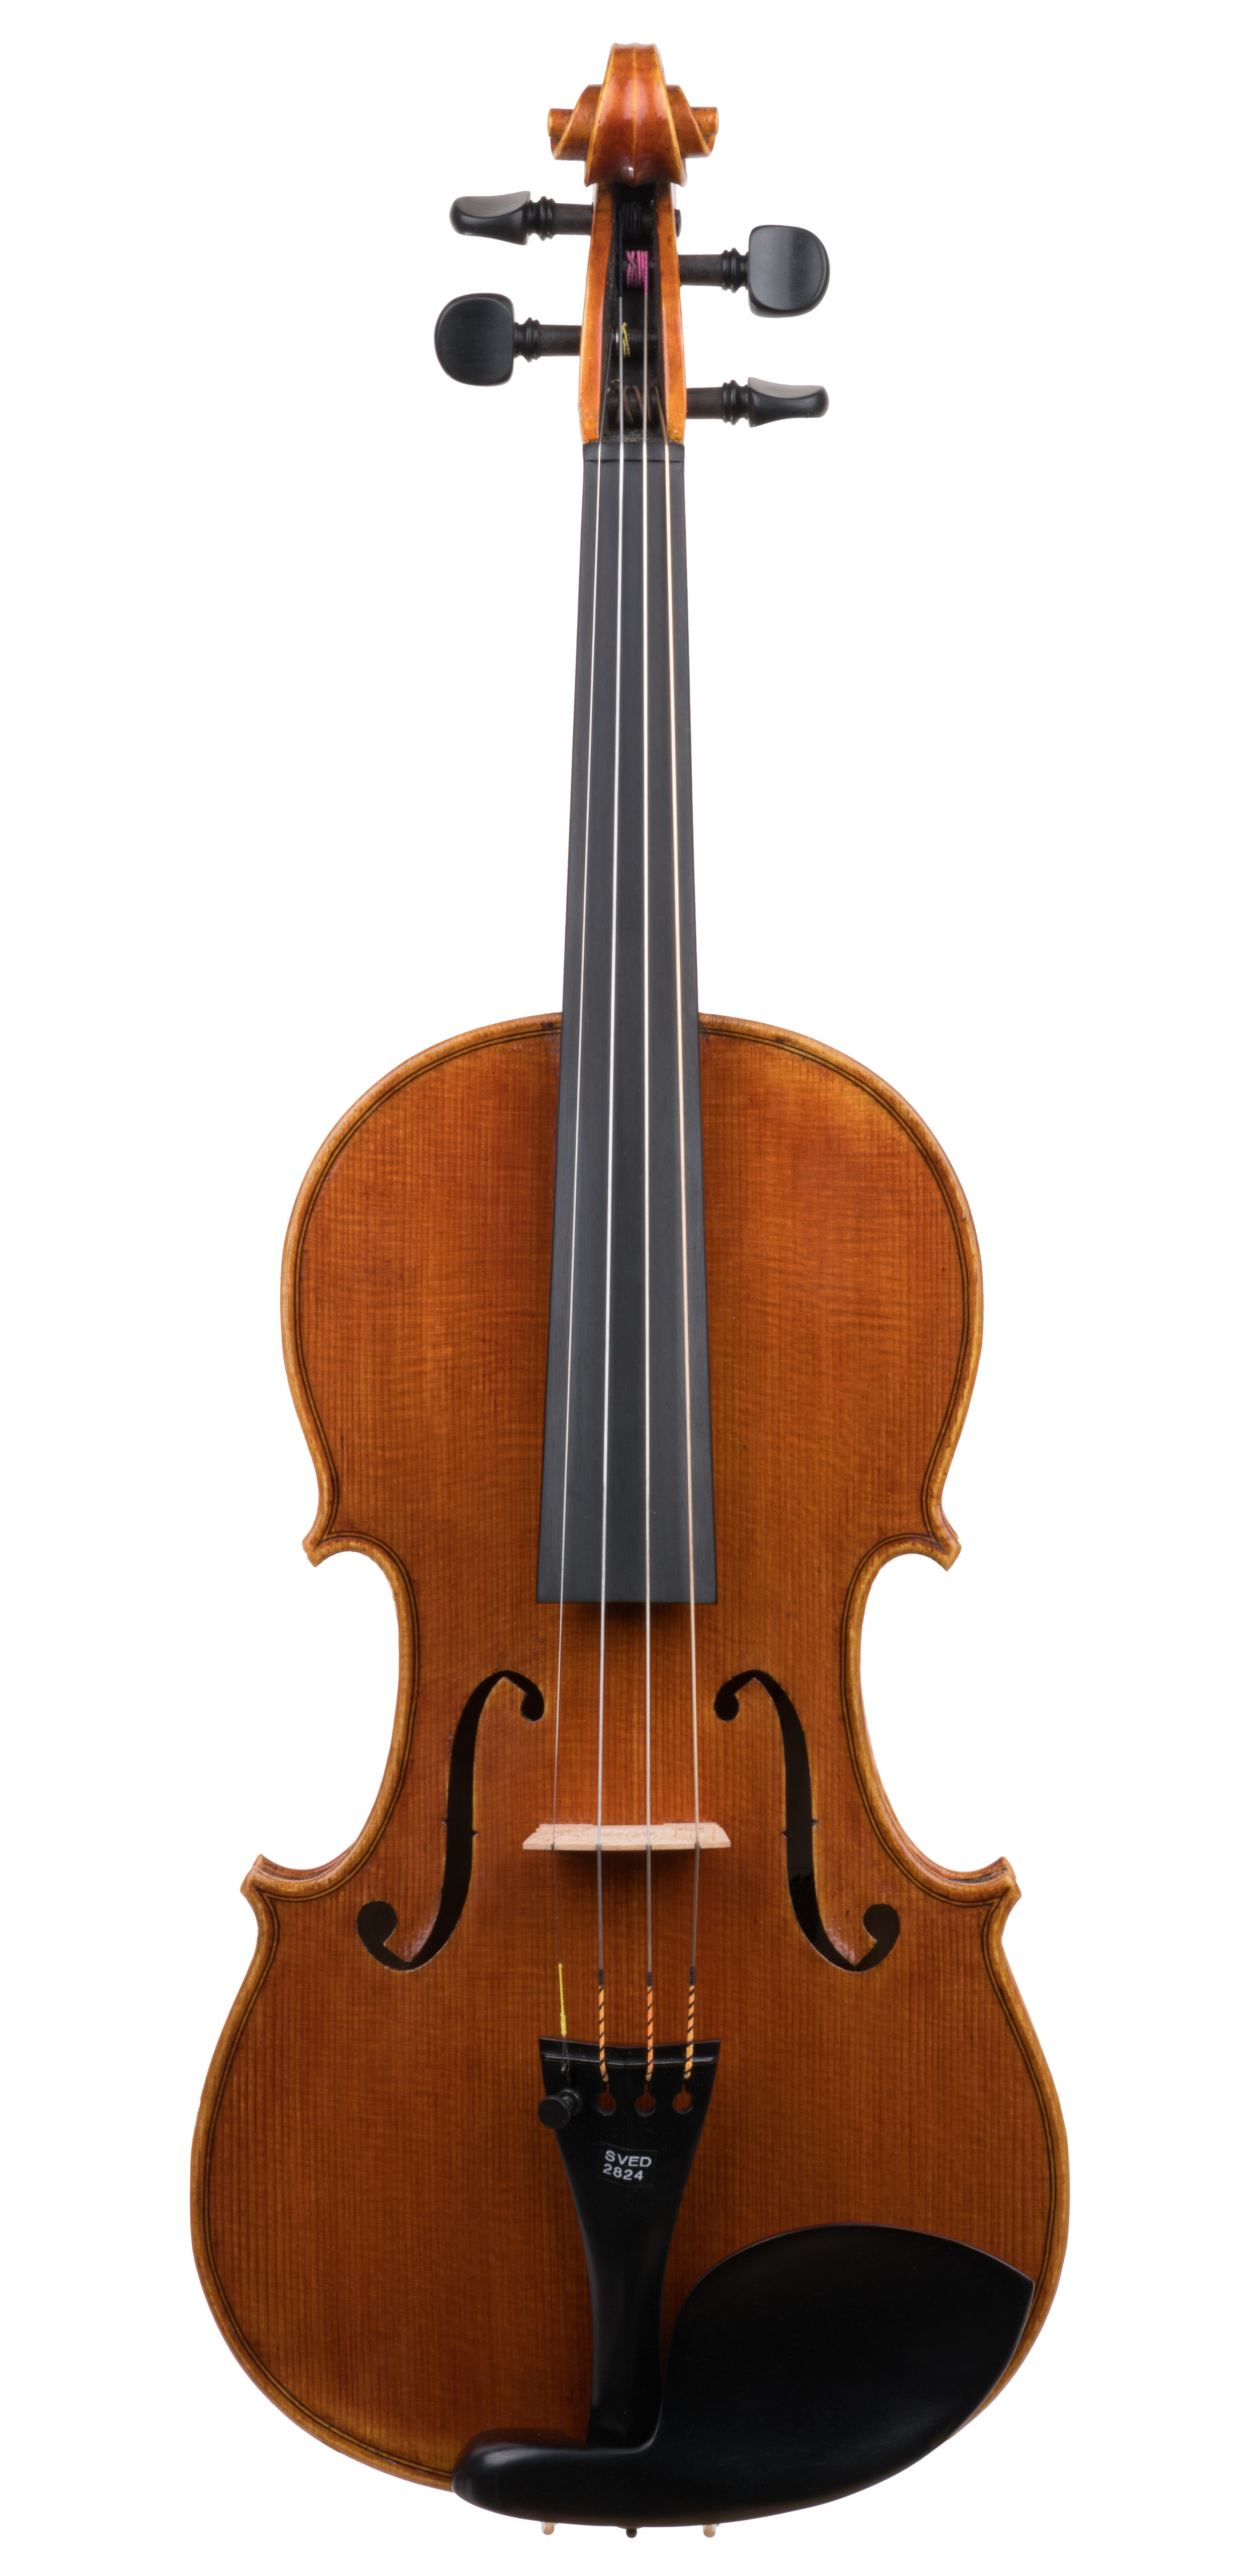 Drew Harding violin, Chicago, 2016 - Left-handed set-up